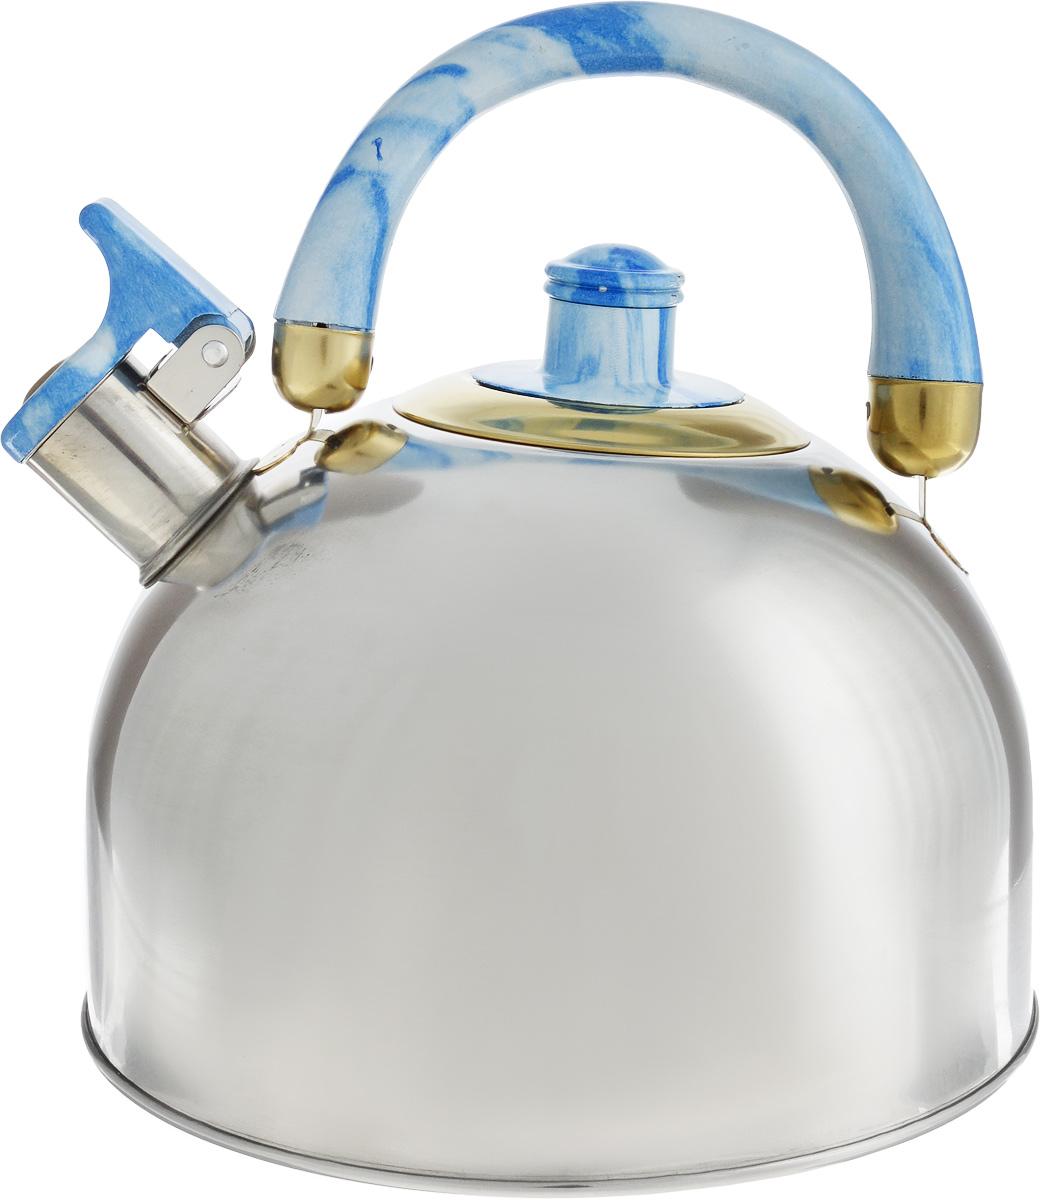 Чайник Bohmann, со свистком, 3,5 лBHL-631Чайник Bohmann изготовлен из нержавеющей стали с зеркальной полировкой. Высококачественная сталь представляет собой материал, из которого в течение нескольких десятилетий во всем мире производятся столовые приборы, кухонные инструменты и различные аксессуары. Этот материал обладает высокой стойкостью к коррозии и кислотам. Прочность, долговечность и надежность этого материала, а также первоклассная обработка обеспечивают практически неограниченный запас прочности и неизменно привлекательный внешний вид. Чайник оснащен удобной ручкой из бакелита. Ручка не нагревается, что предотвращает появление ожогов и обеспечивает безопасность использования. Носик чайника имеет откидной свисток для определения кипения. Можно использовать на всех типах плит, кроме индукционных. Можно мыть в посудомоечной машине. Диаметр (по верхнему краю): 8,5 см.Высота чайника (без учета ручки): 12,5 см.Высота чайника (с учетом ручки): 21 см.Диаметр основания: 15 см.